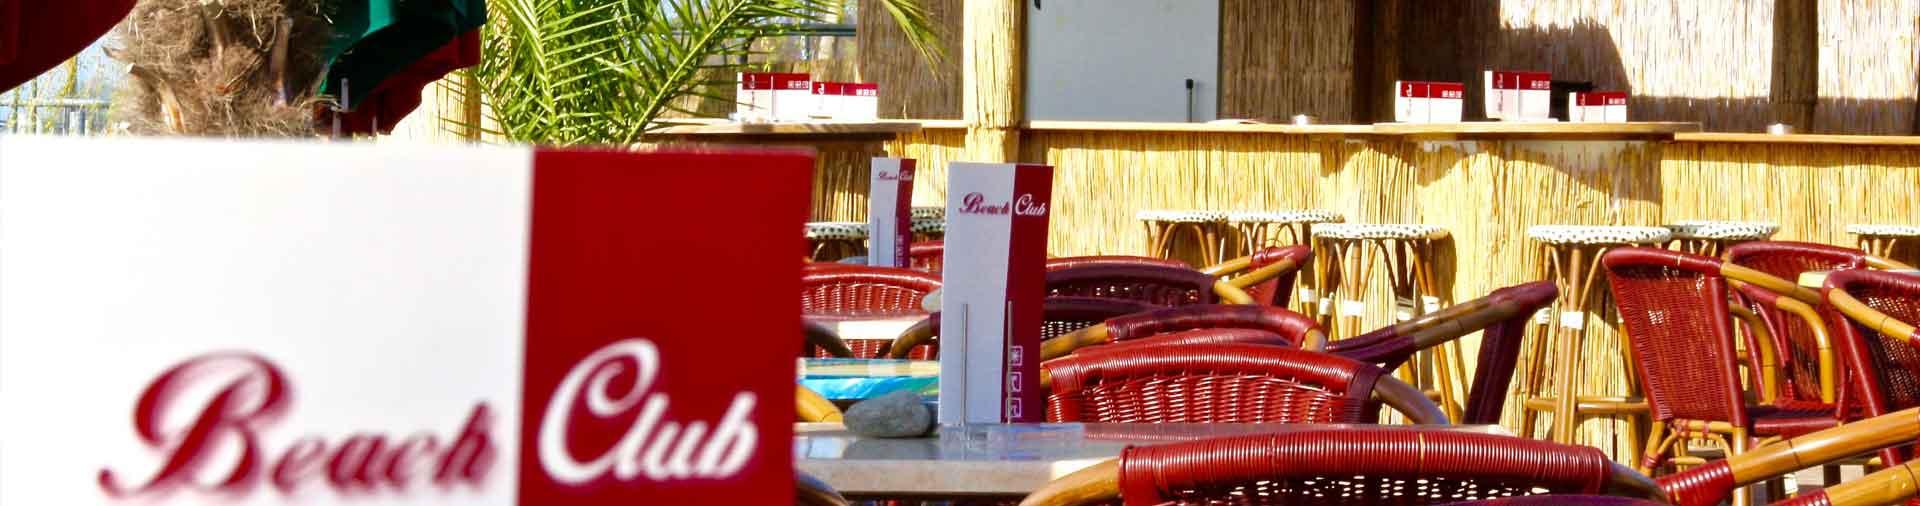 essen trinken beach club friedrichshafen. Black Bedroom Furniture Sets. Home Design Ideas